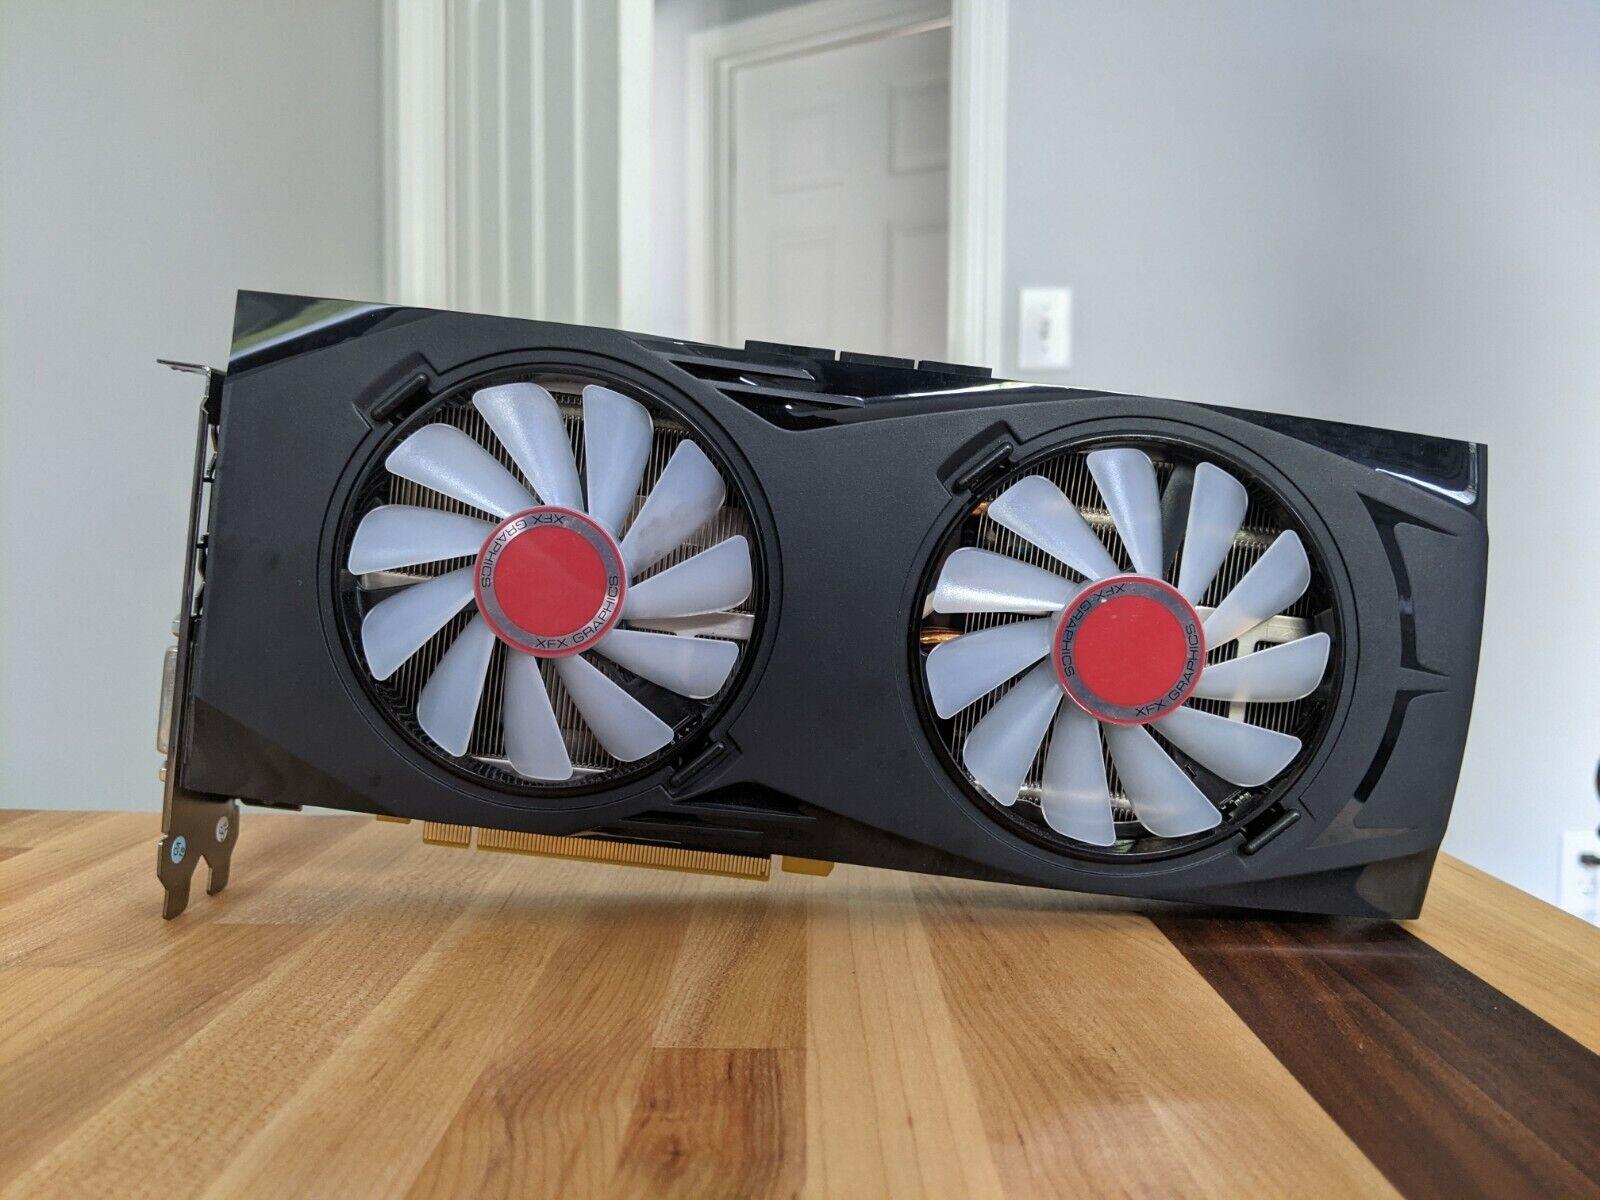 XFX AMD Radeon RX 580 GTR XXX Edition 8GB Graphics Card